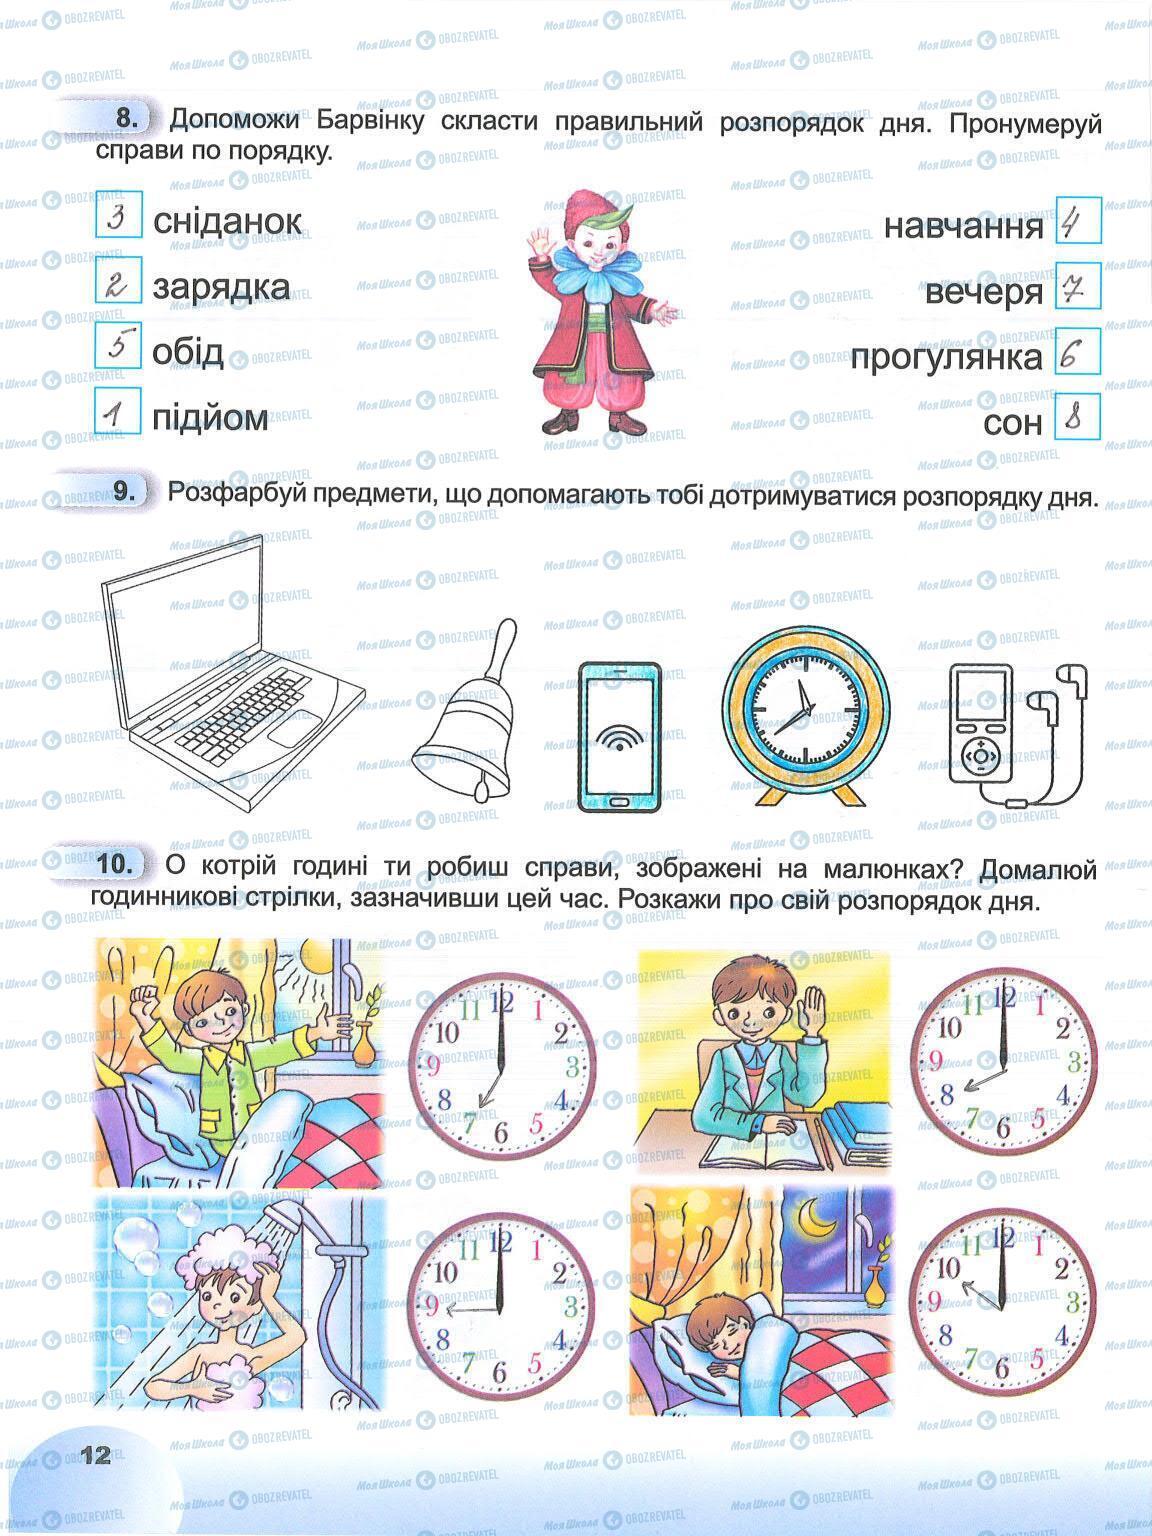 ГДЗ Я досліджую світ 1 клас сторінка 12